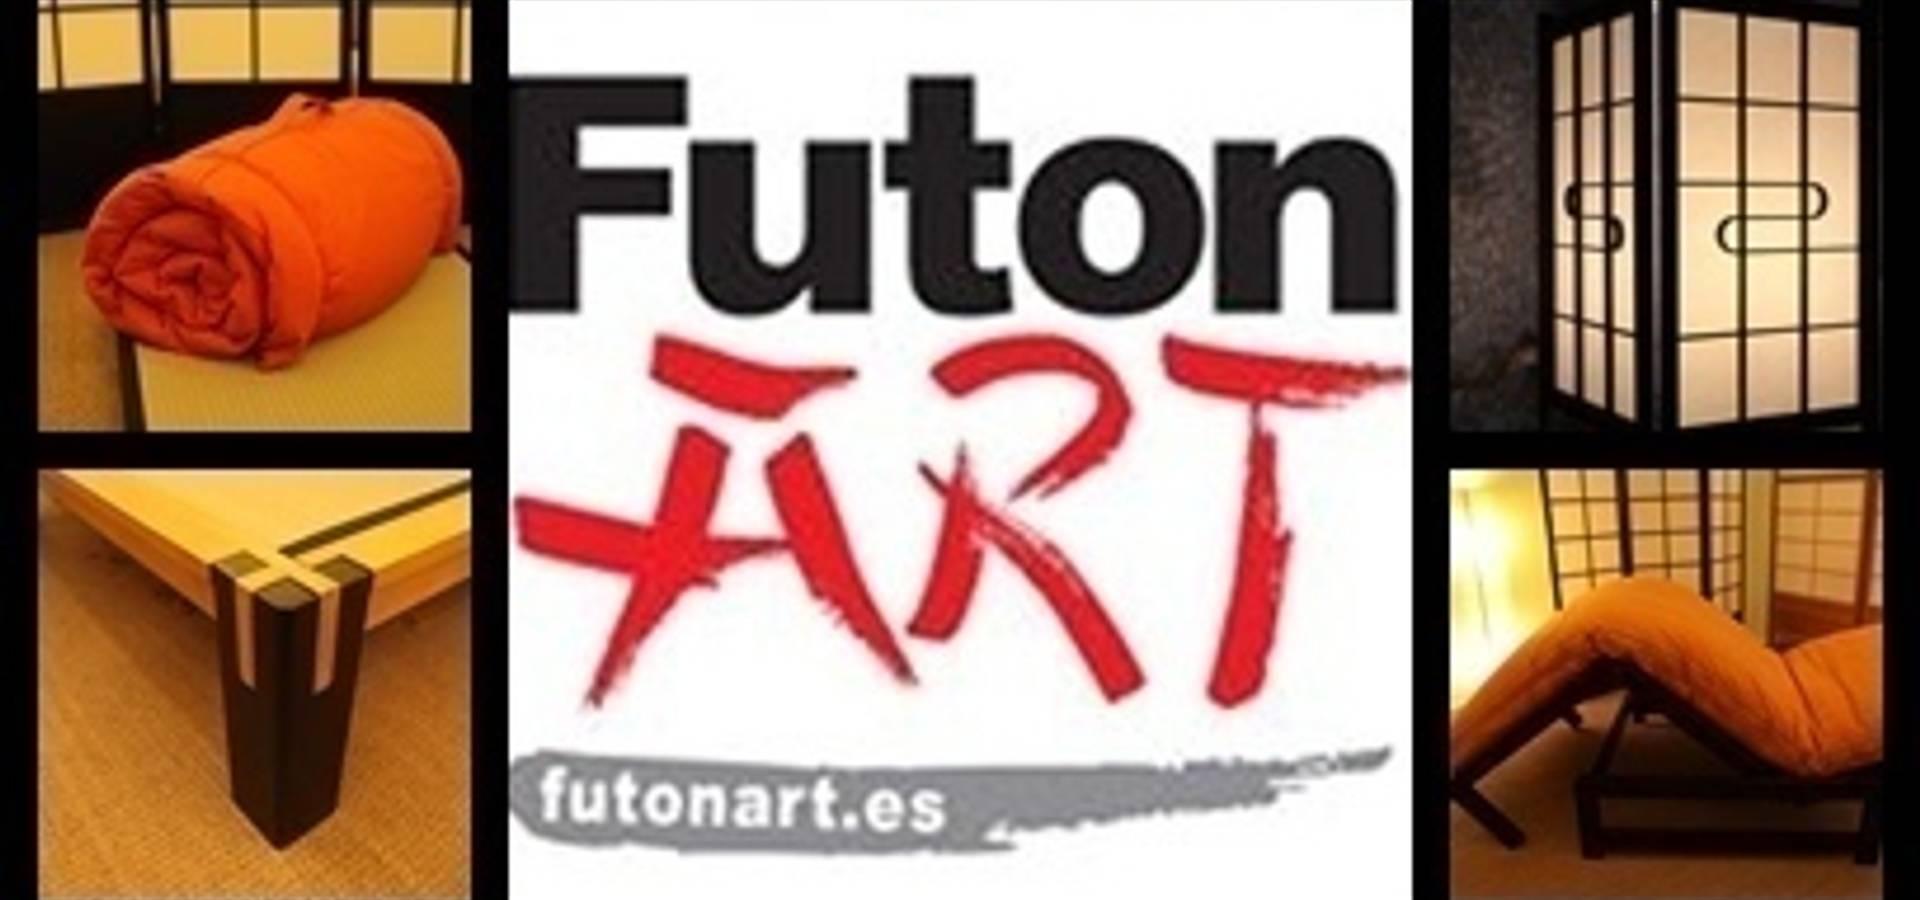 FUTONART